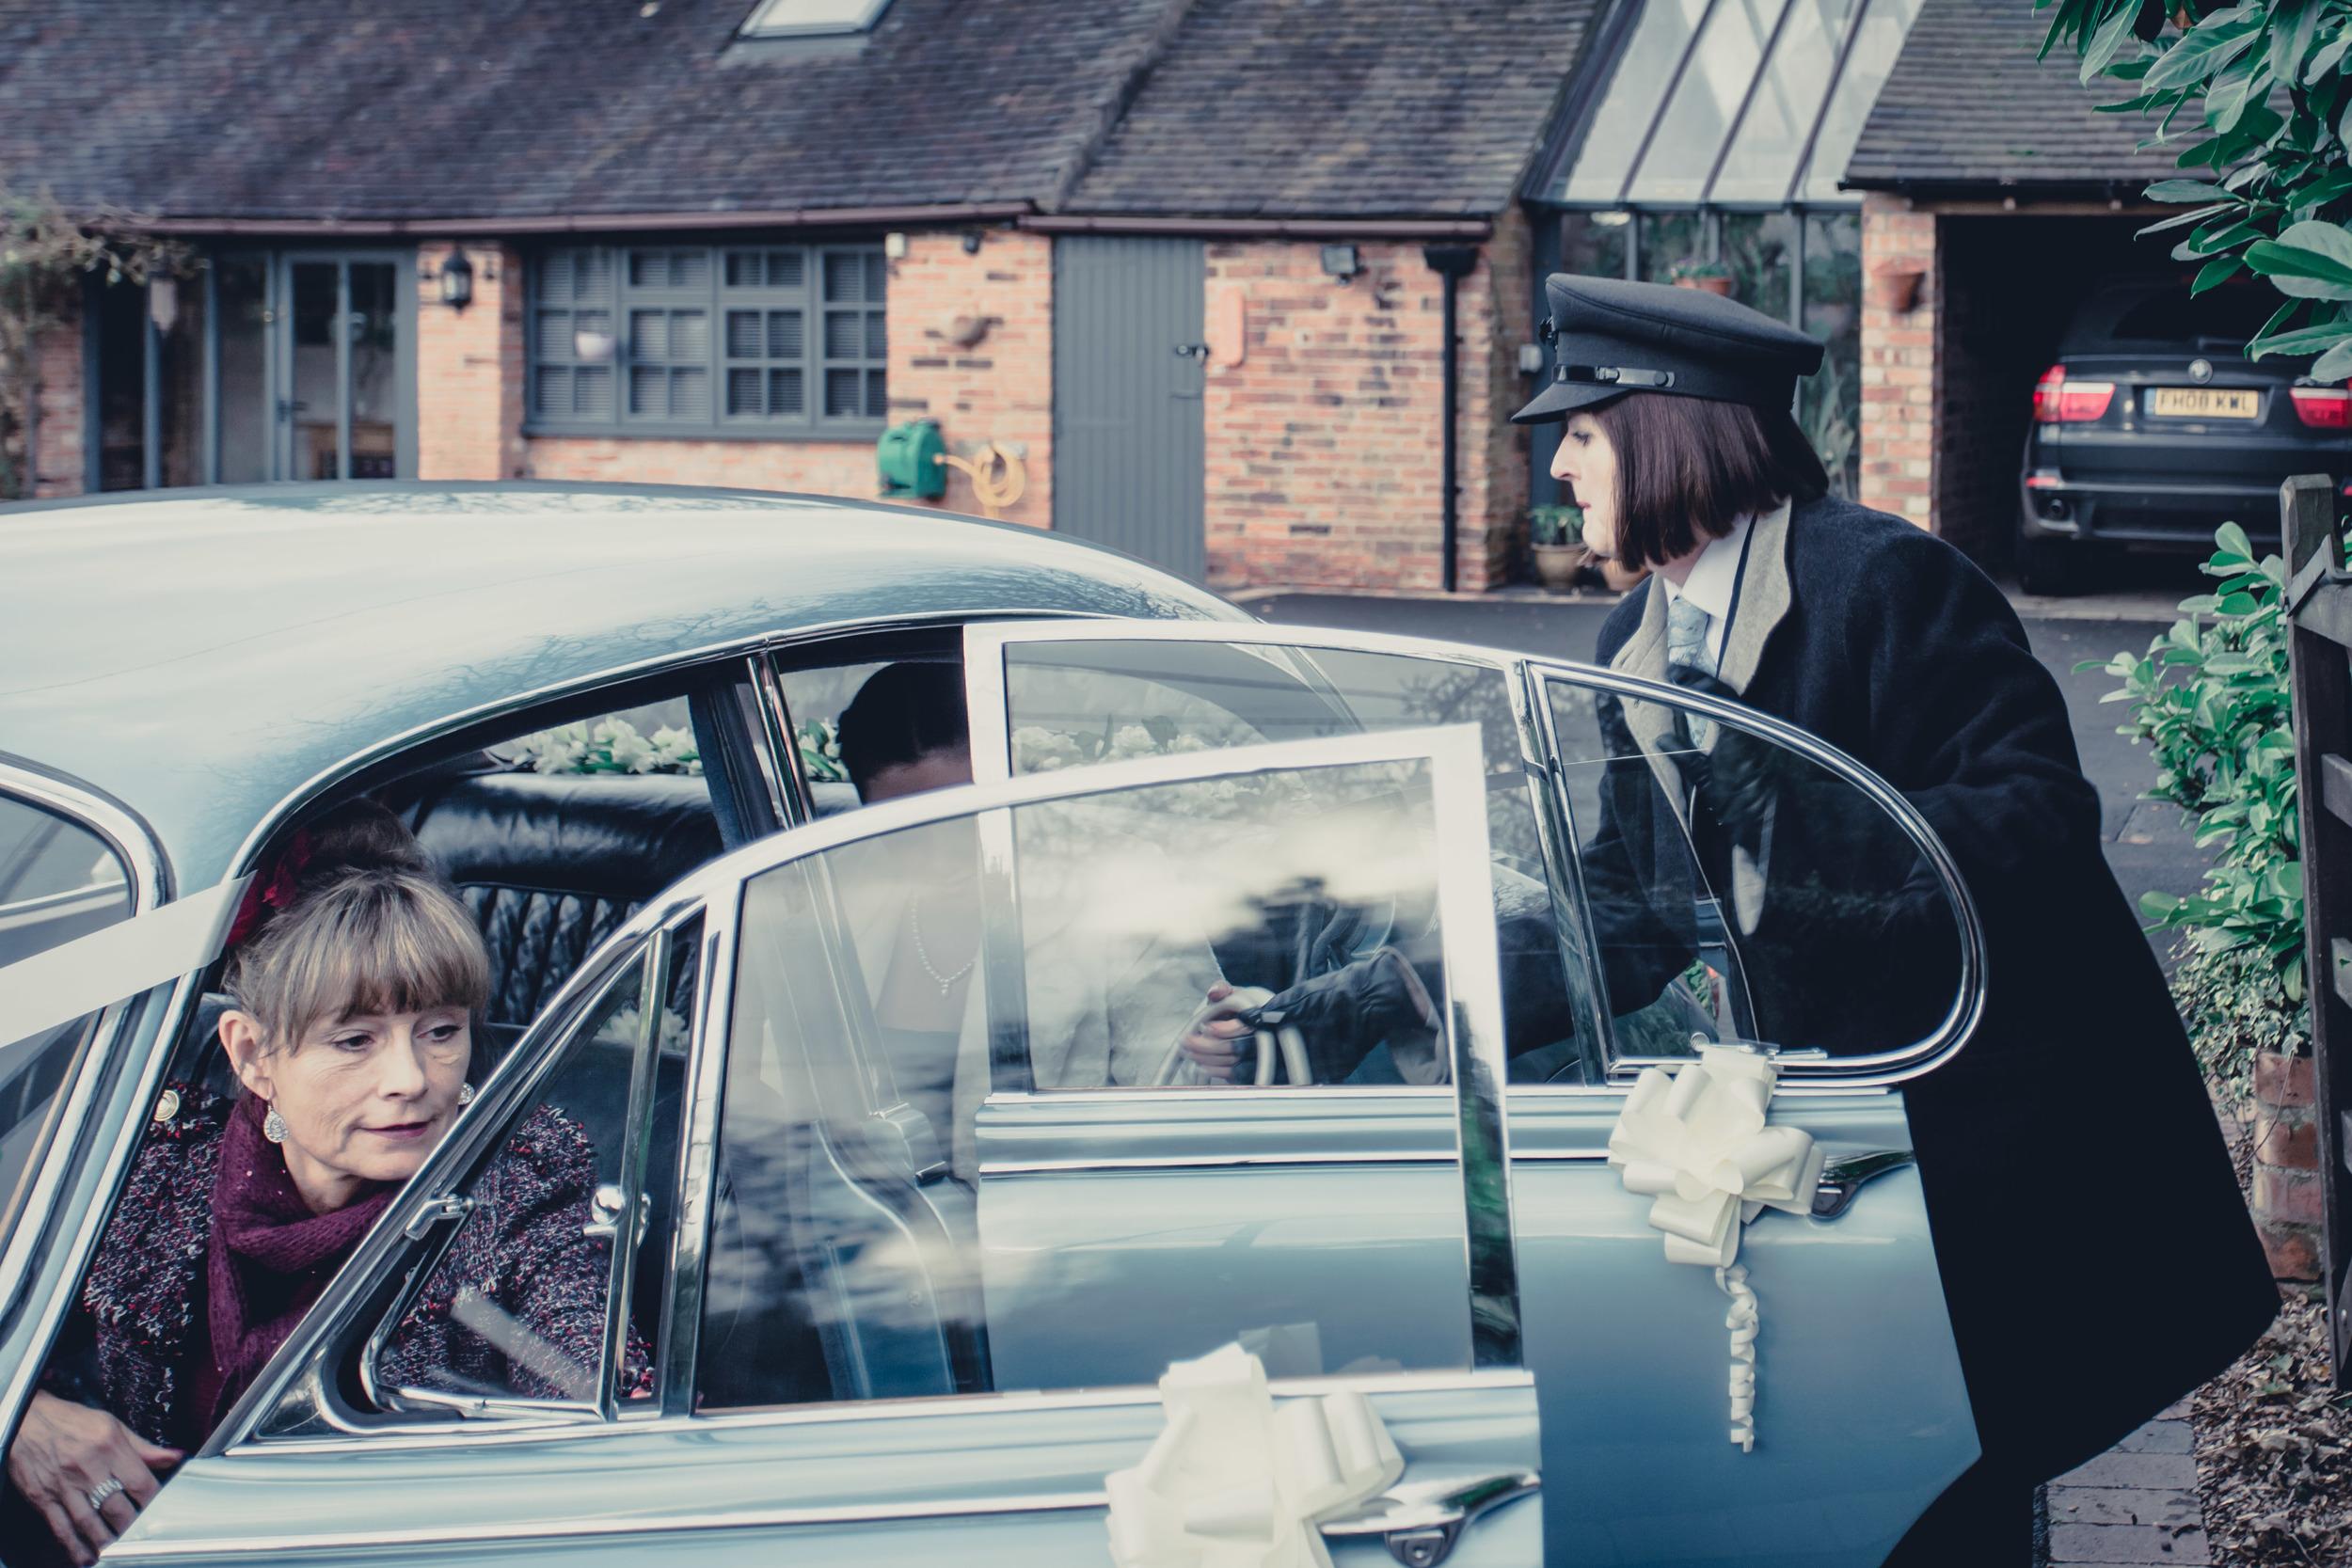 042 - Angela and Karls Wedding by www.markpugh.com -6610.jpg